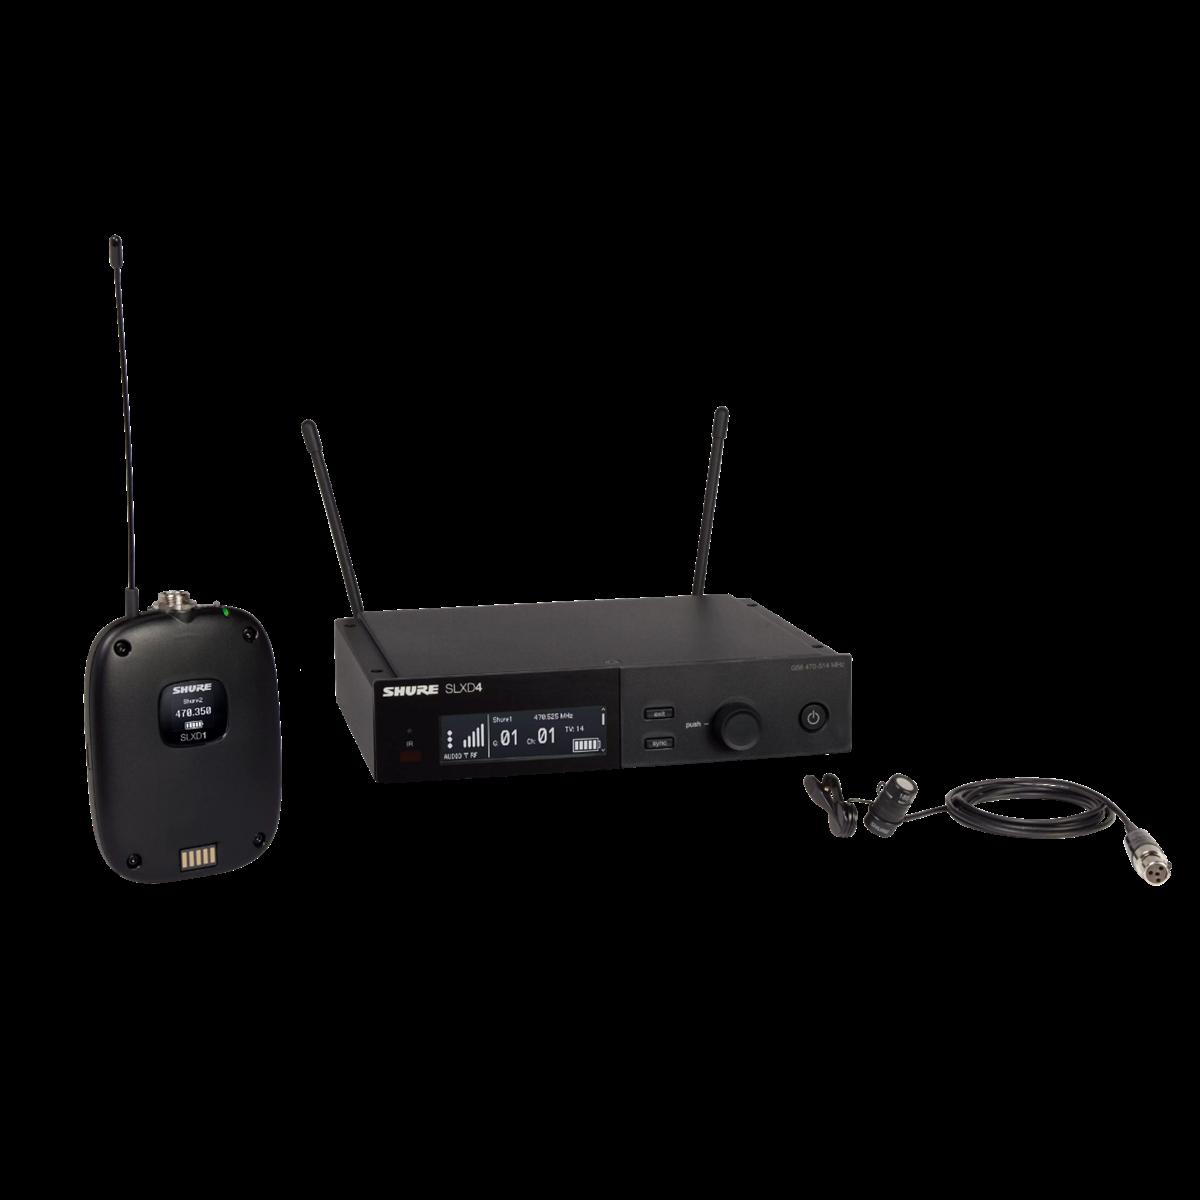 Shure SLX-D Bodypack System WL183 Lavalier - 518-562MHz